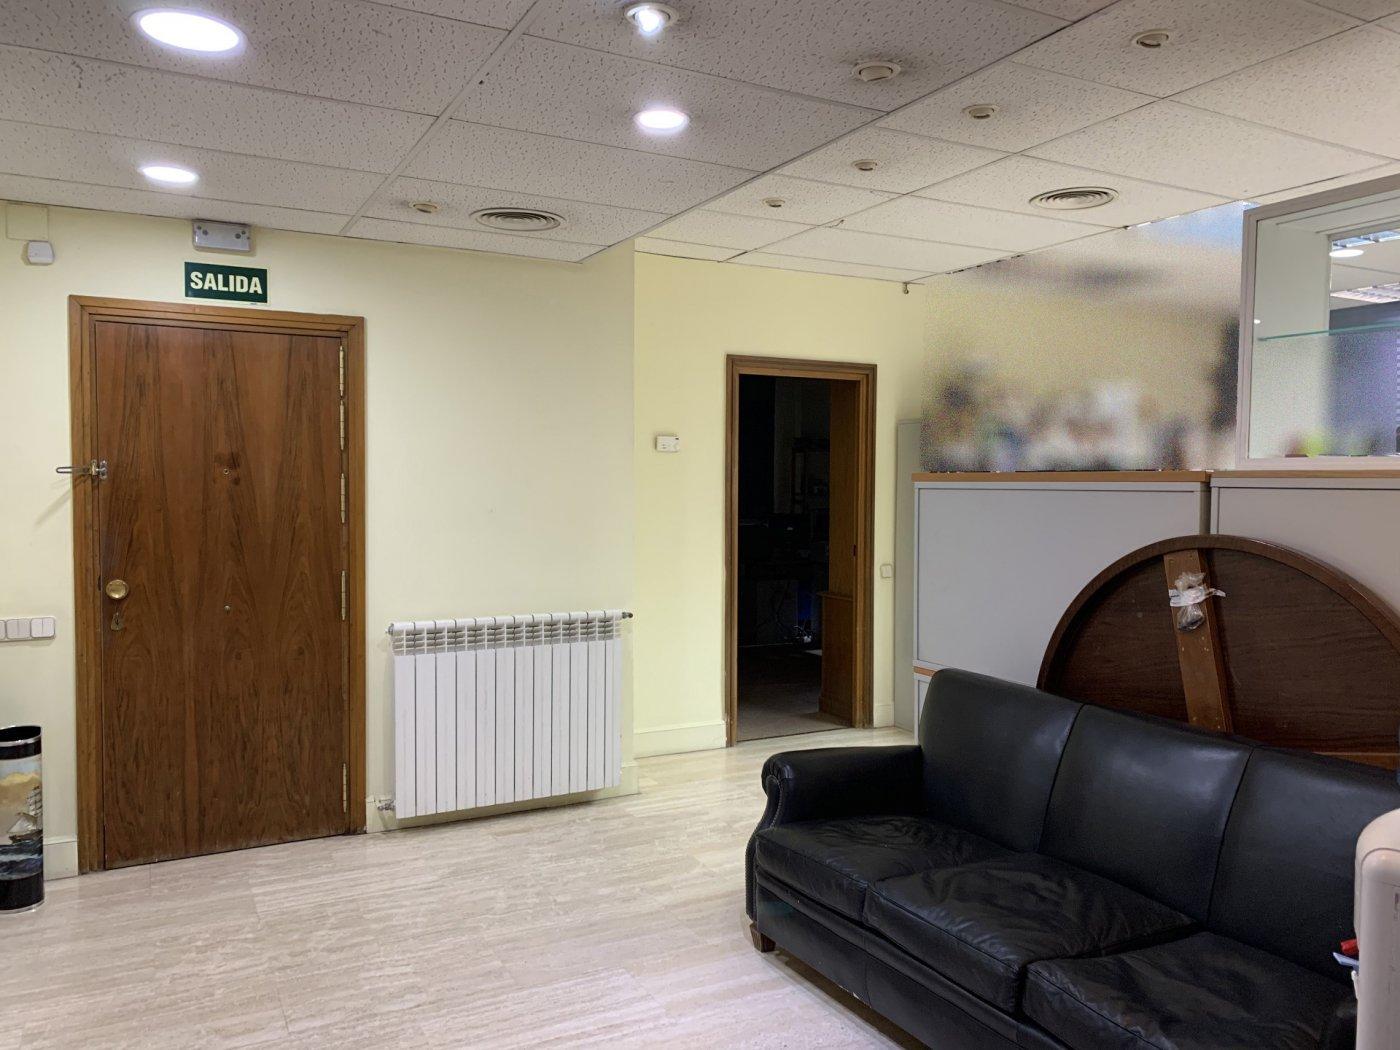 Oficina en el viso - imagenInmueble4